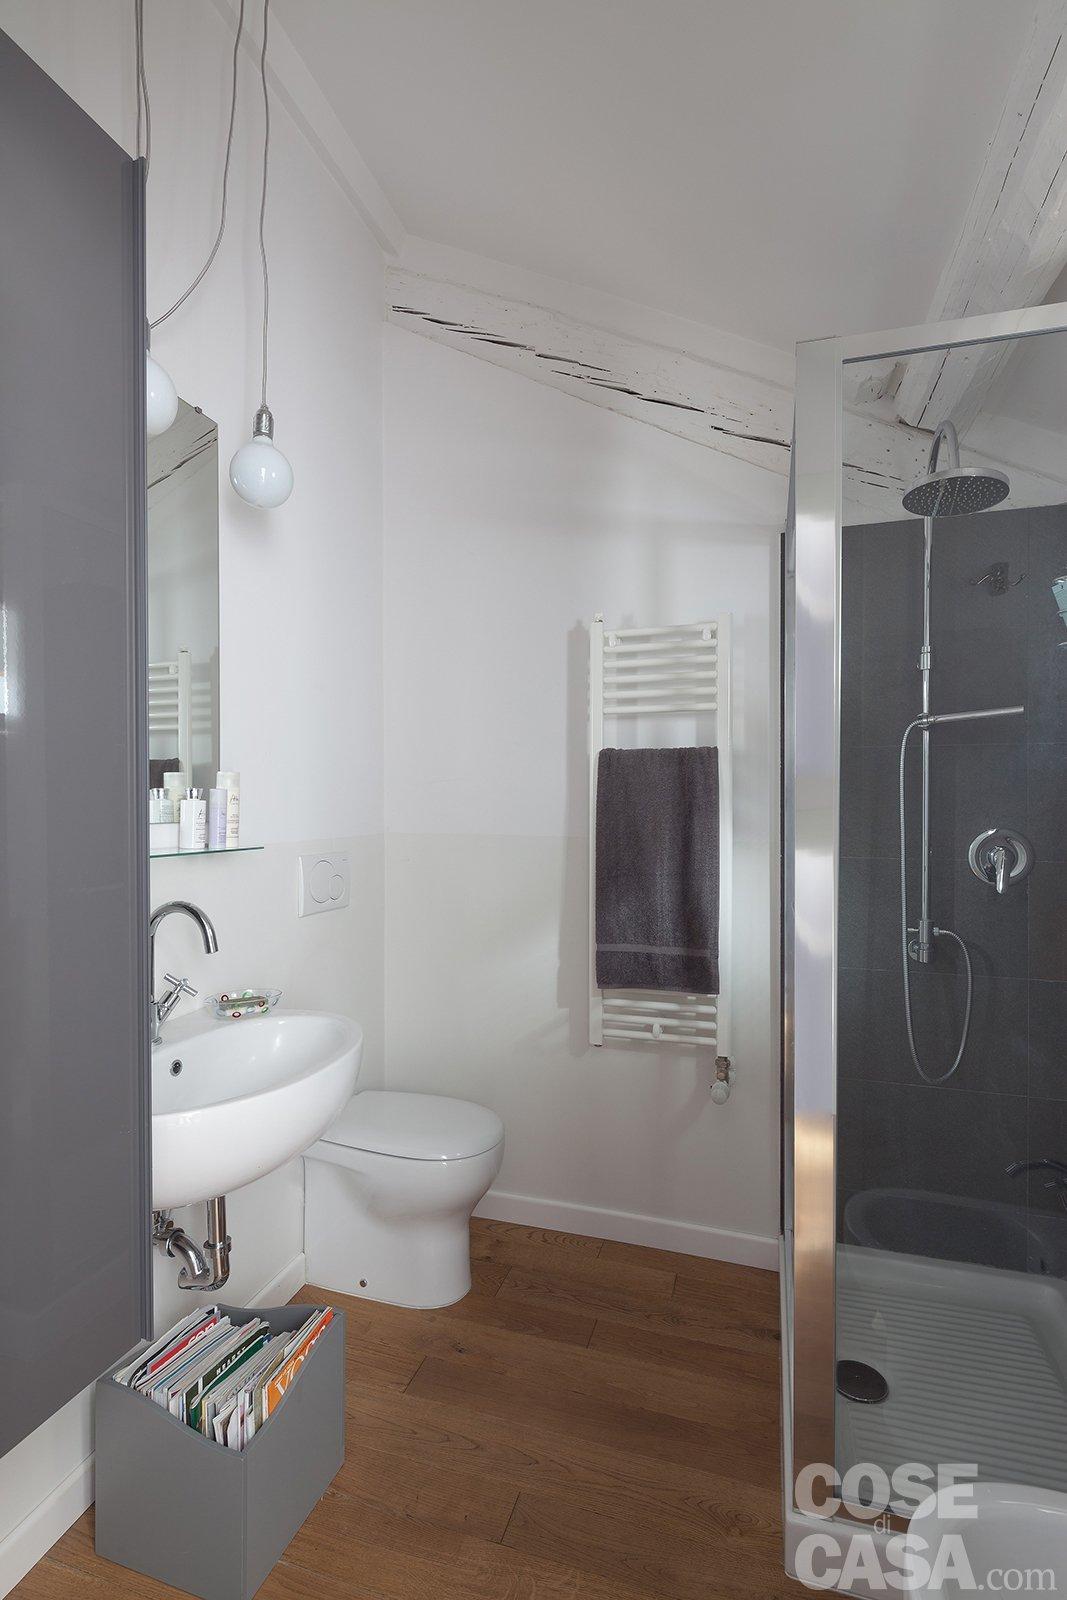 58 mq trasformati con mini interventi cose di casa - Bagni piccoli con doccia ...